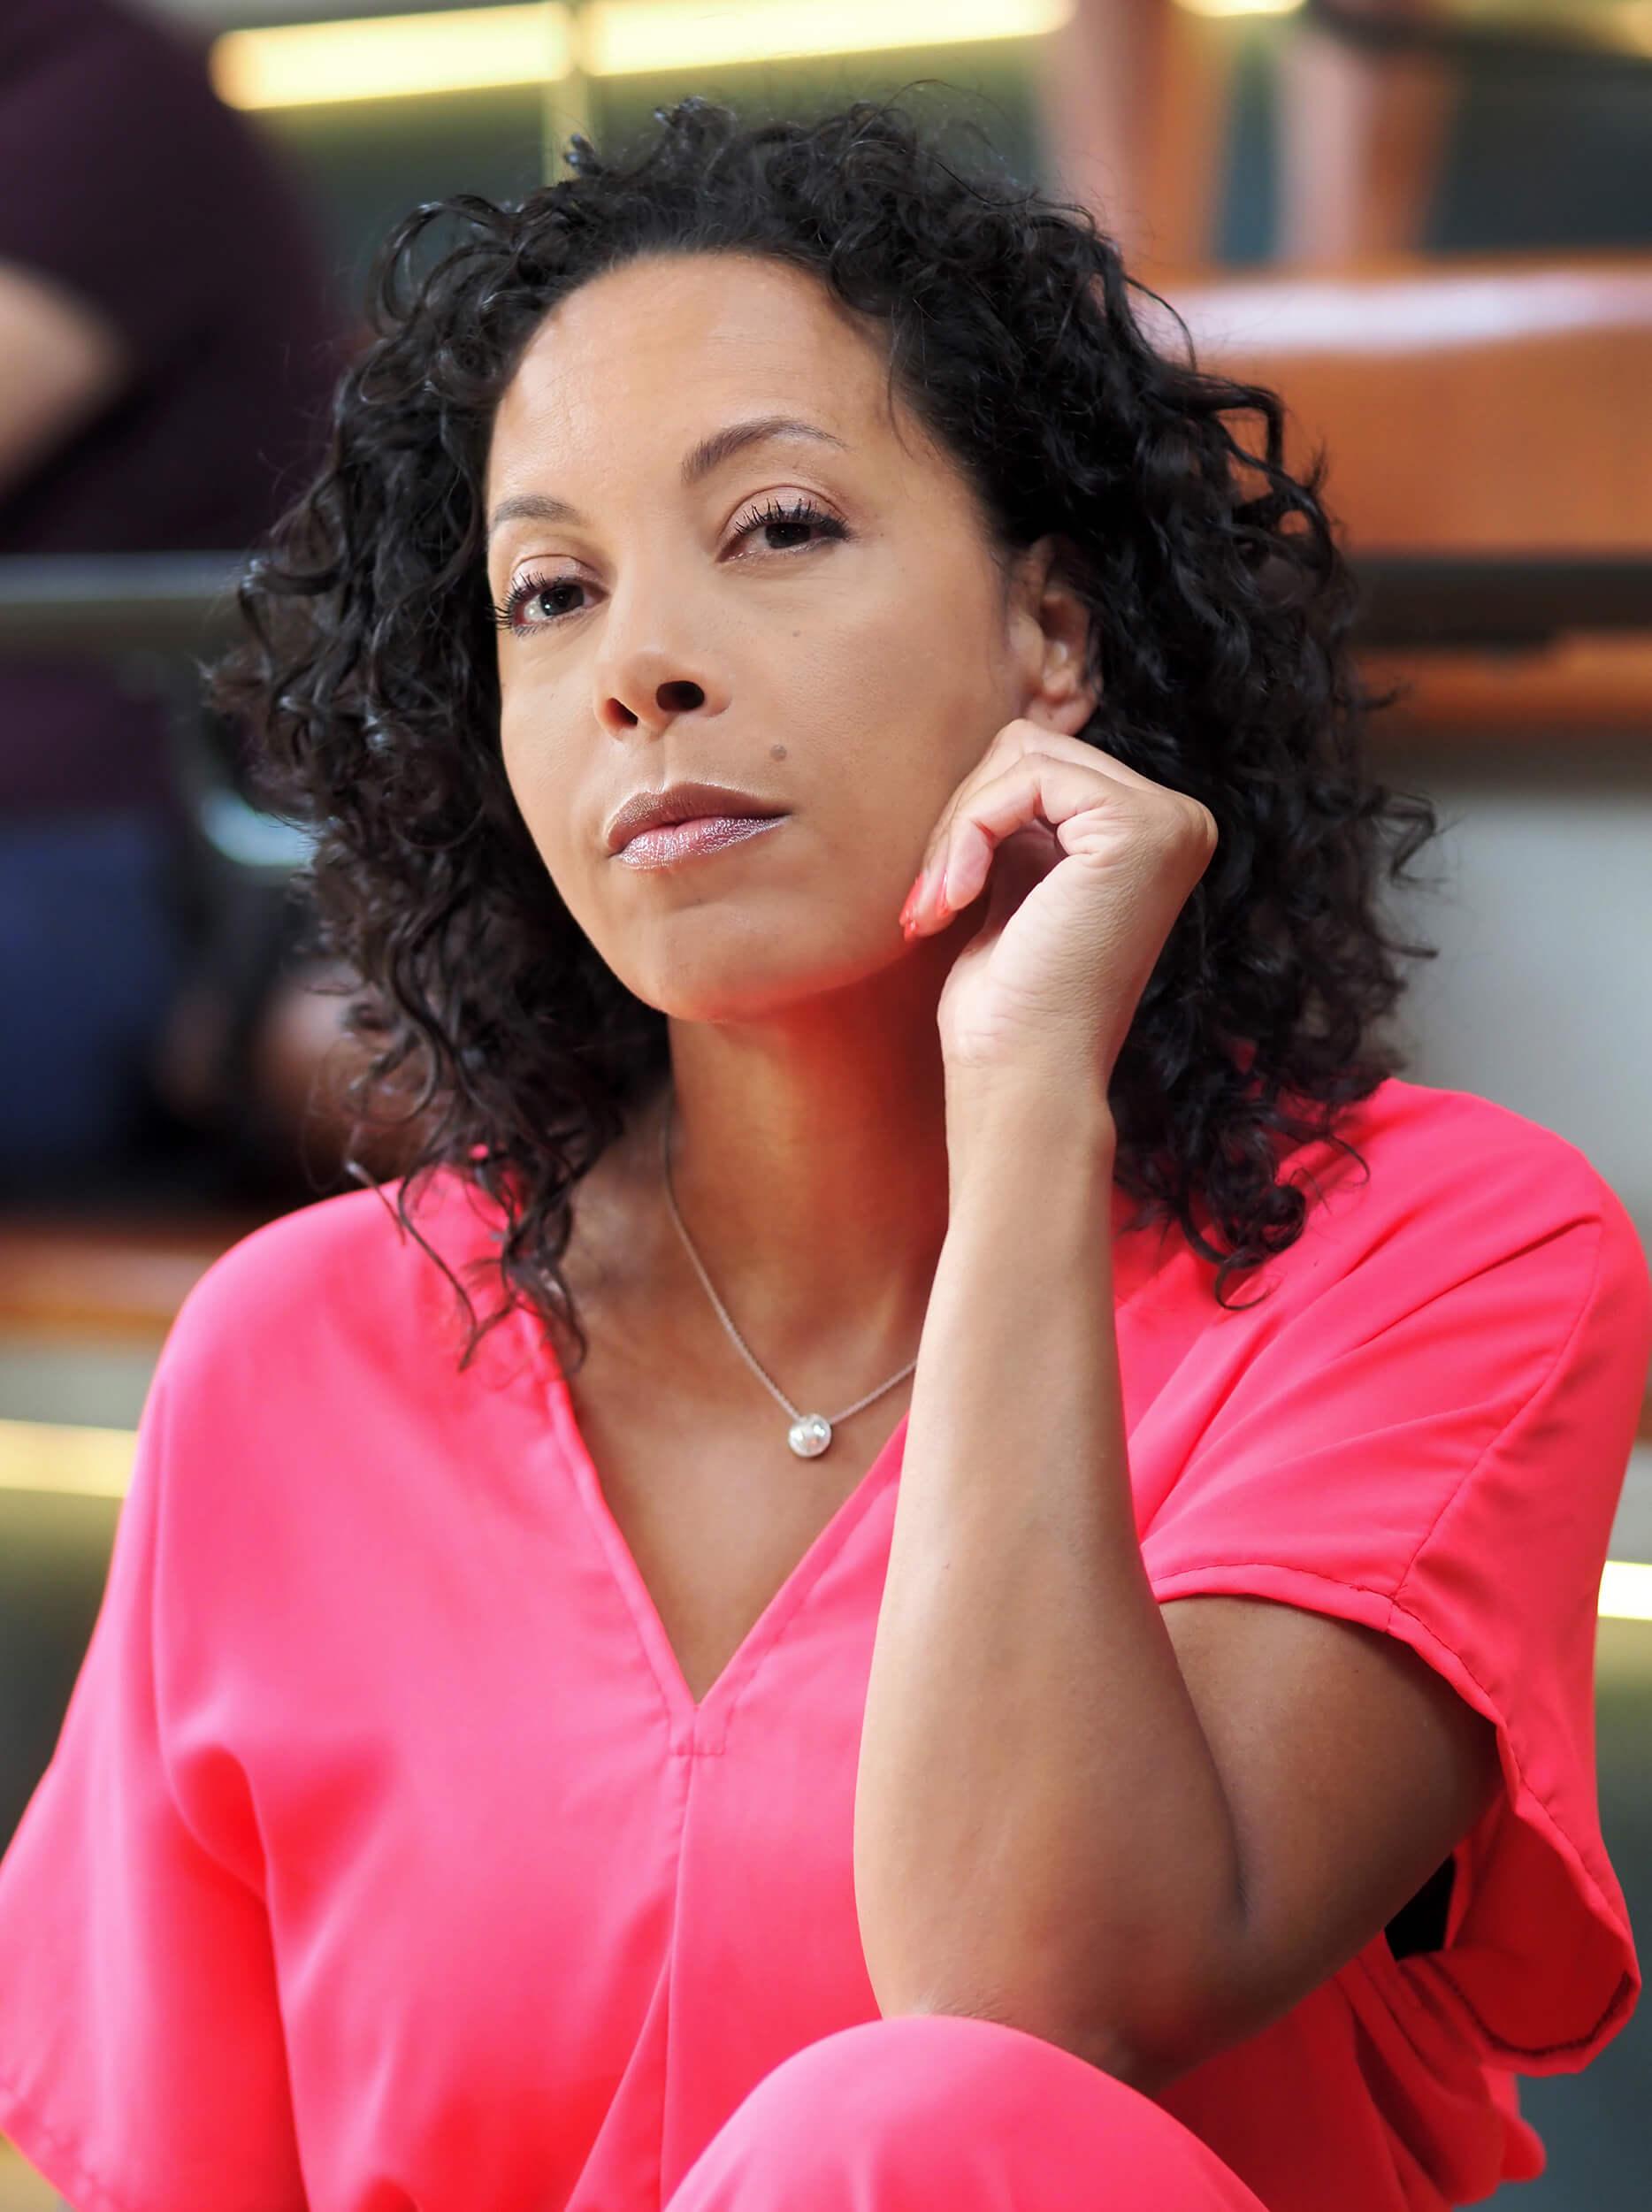 Pia Herrera, foto Severus Tenenbaum